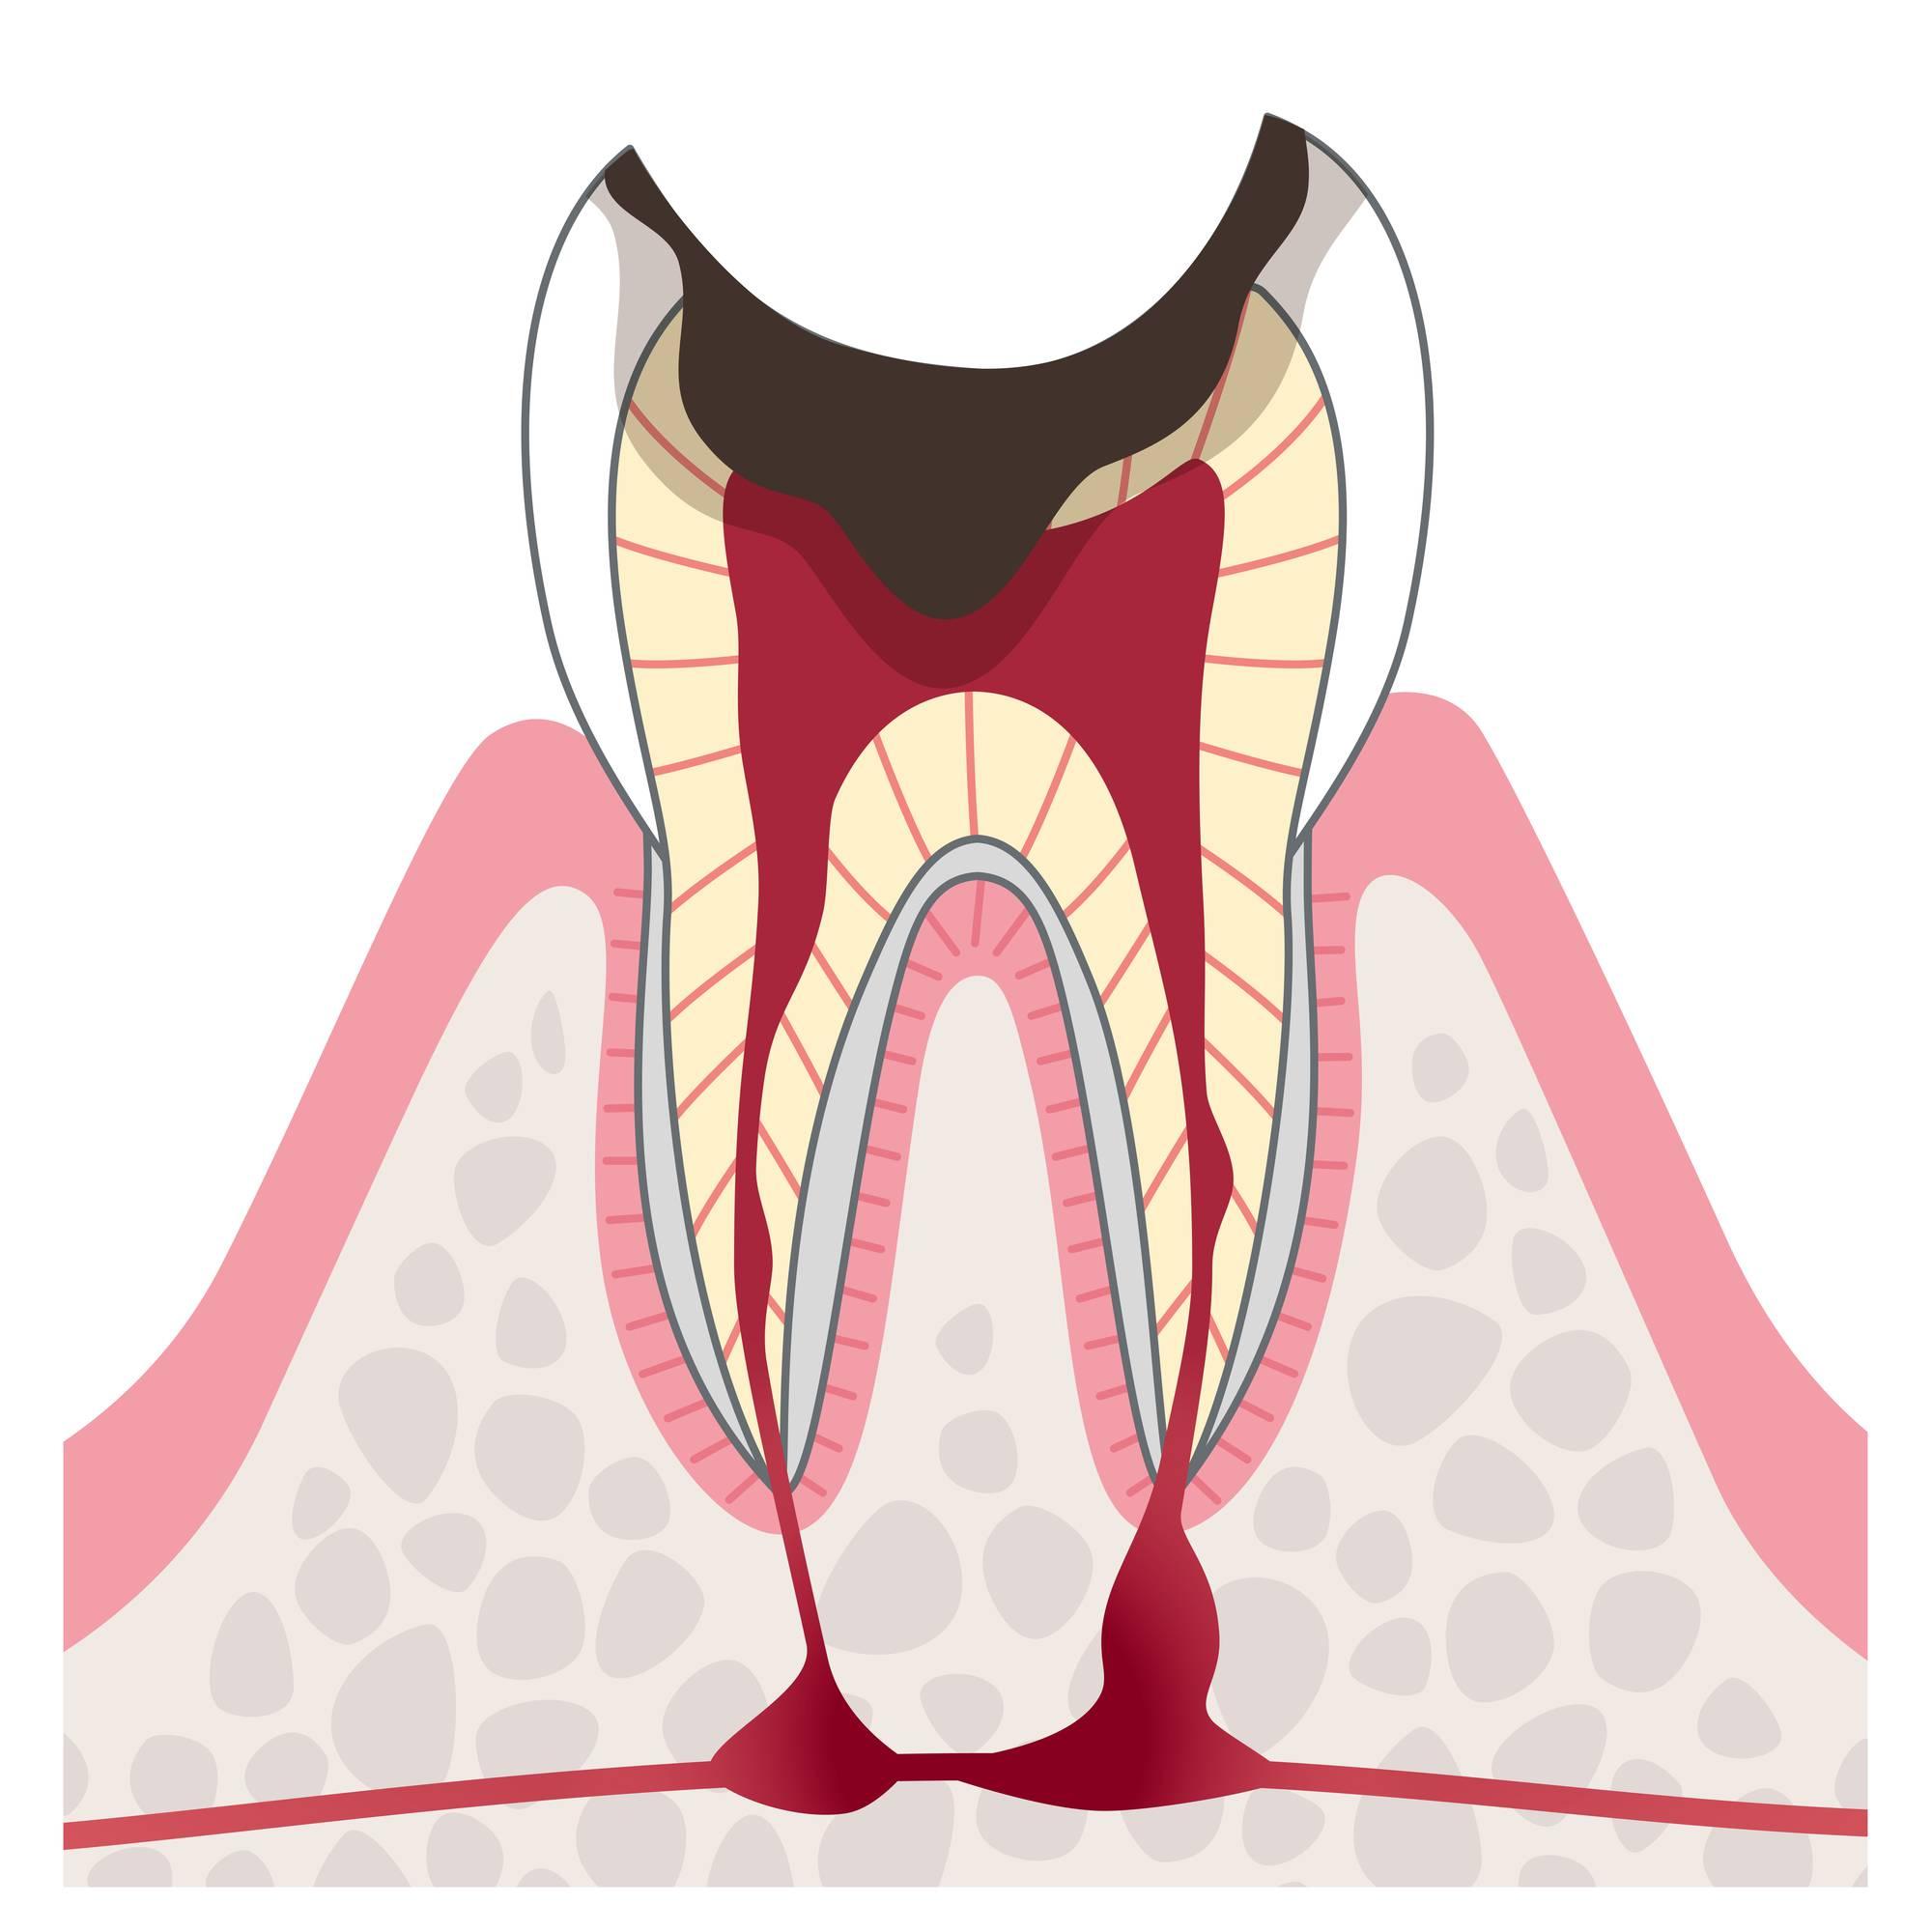 重度虫歯のイラスト